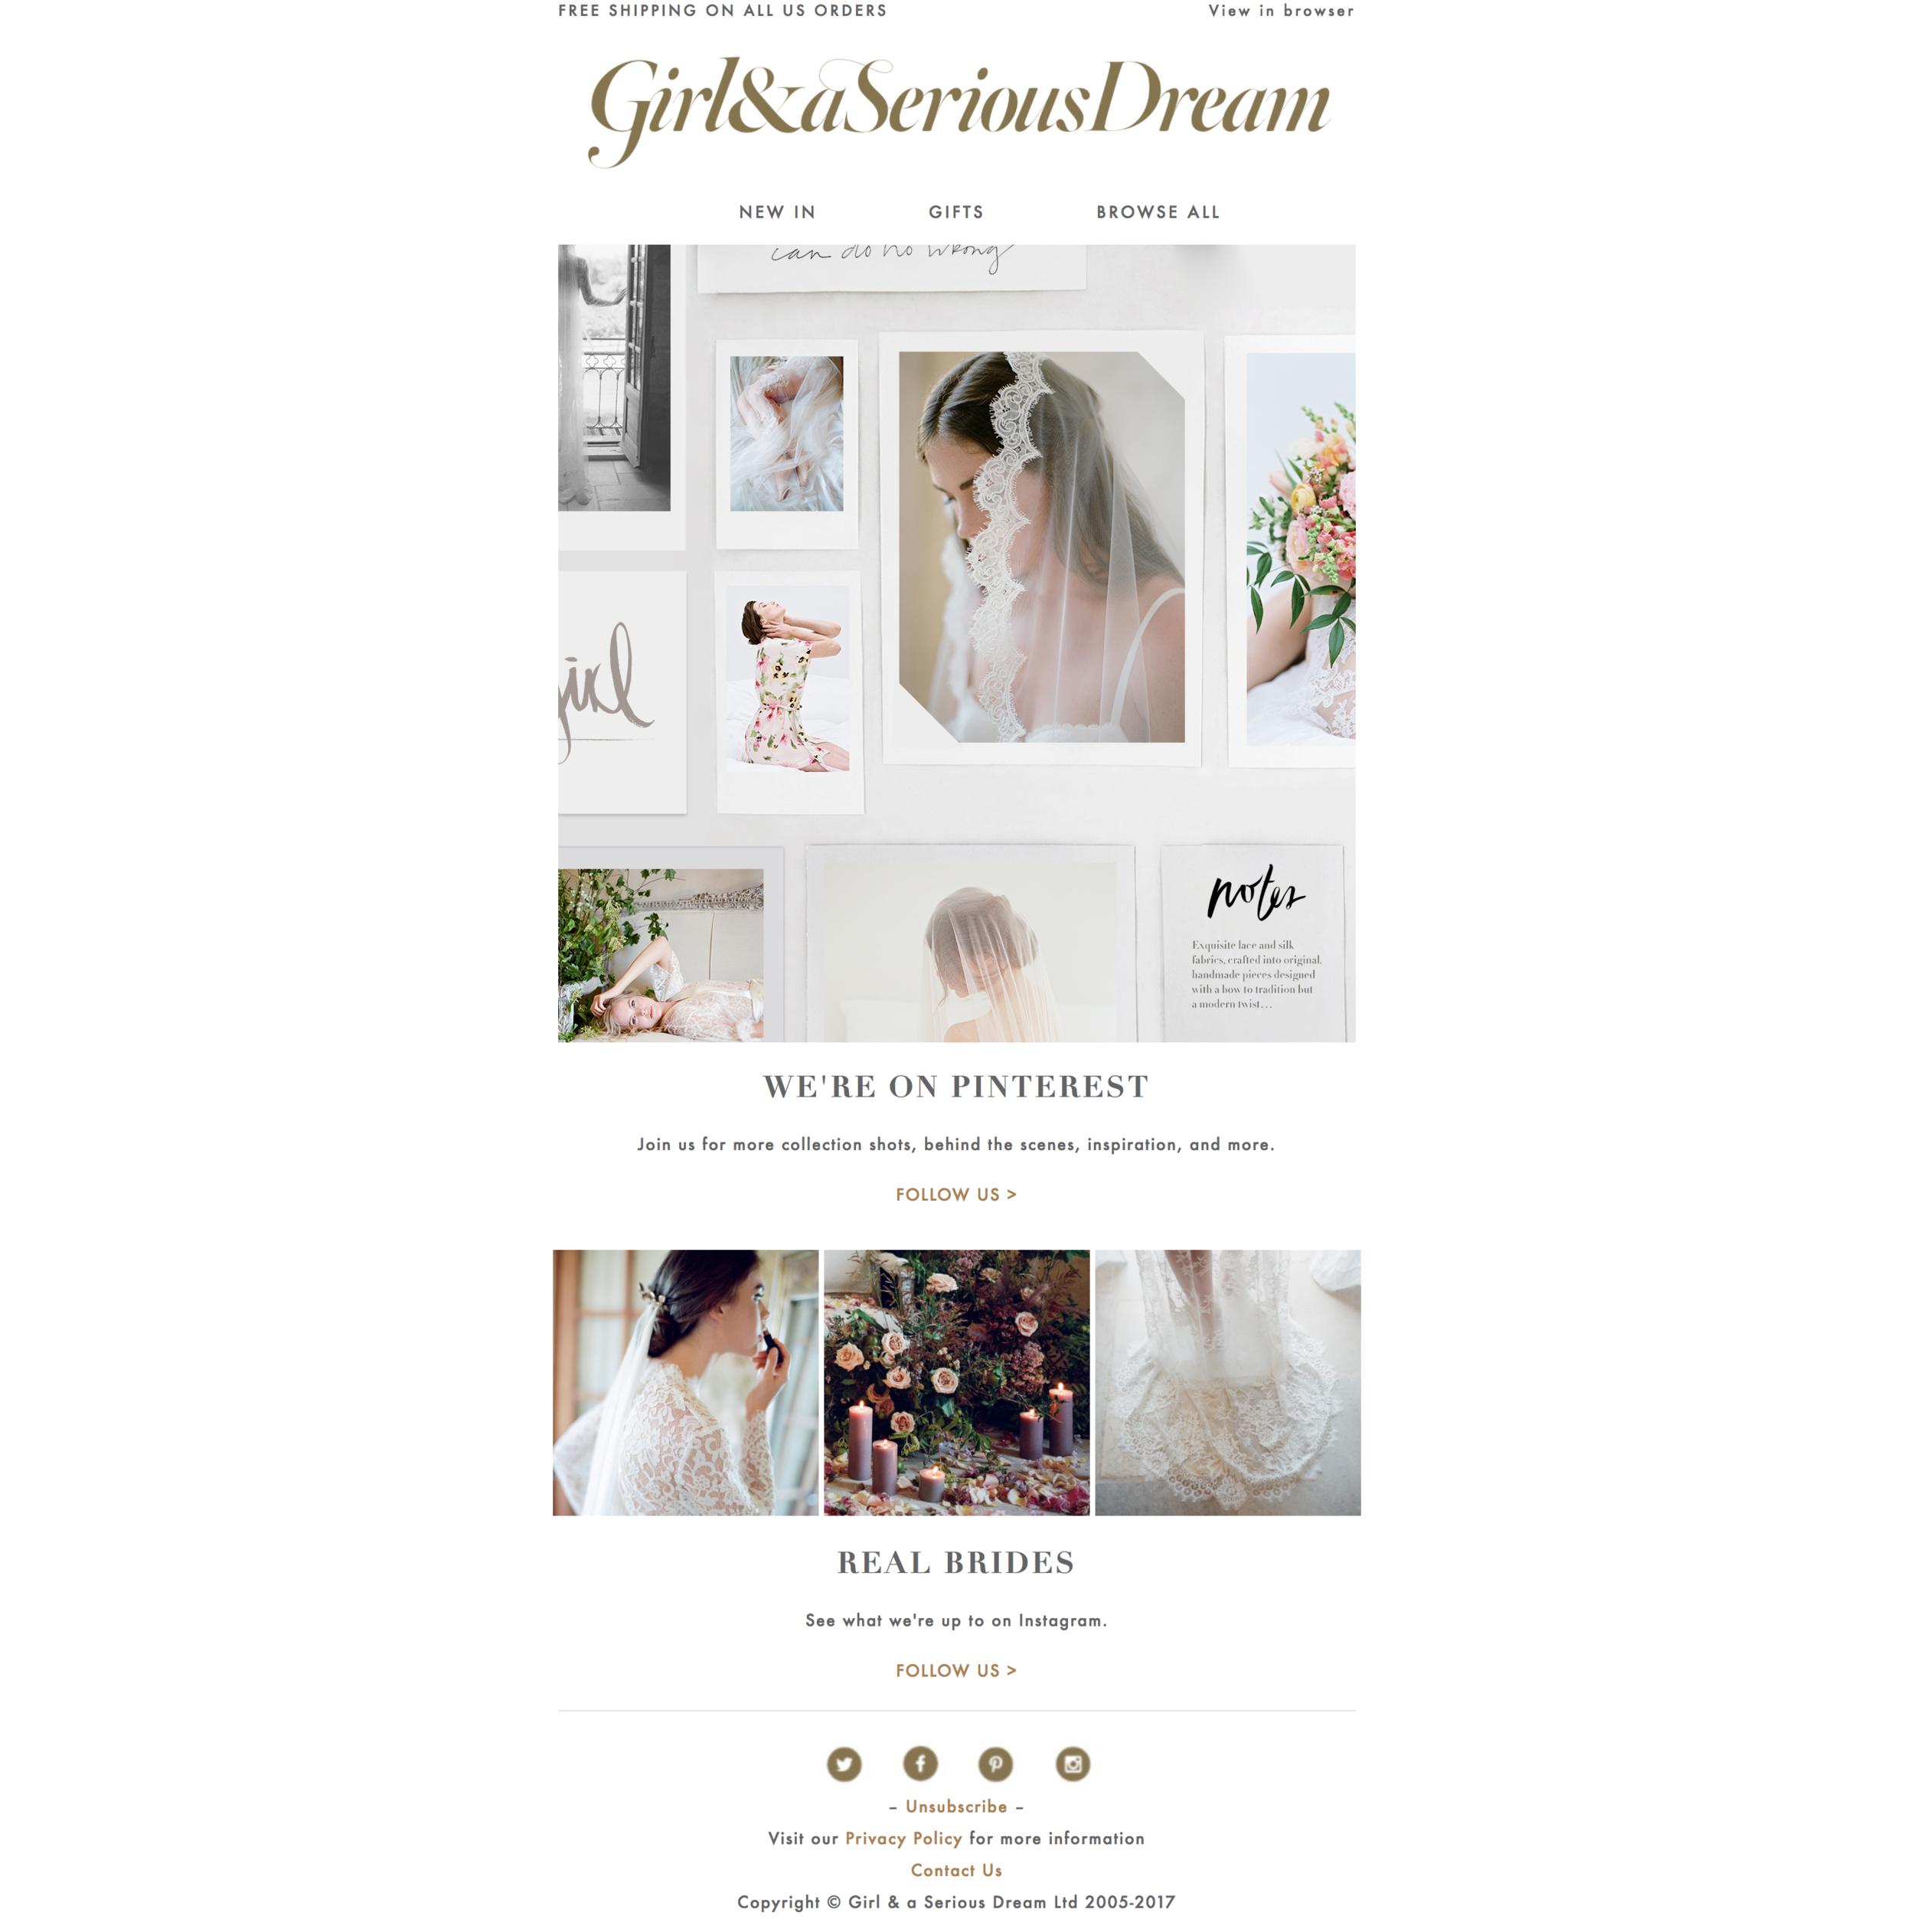 Pinterest promotion email design